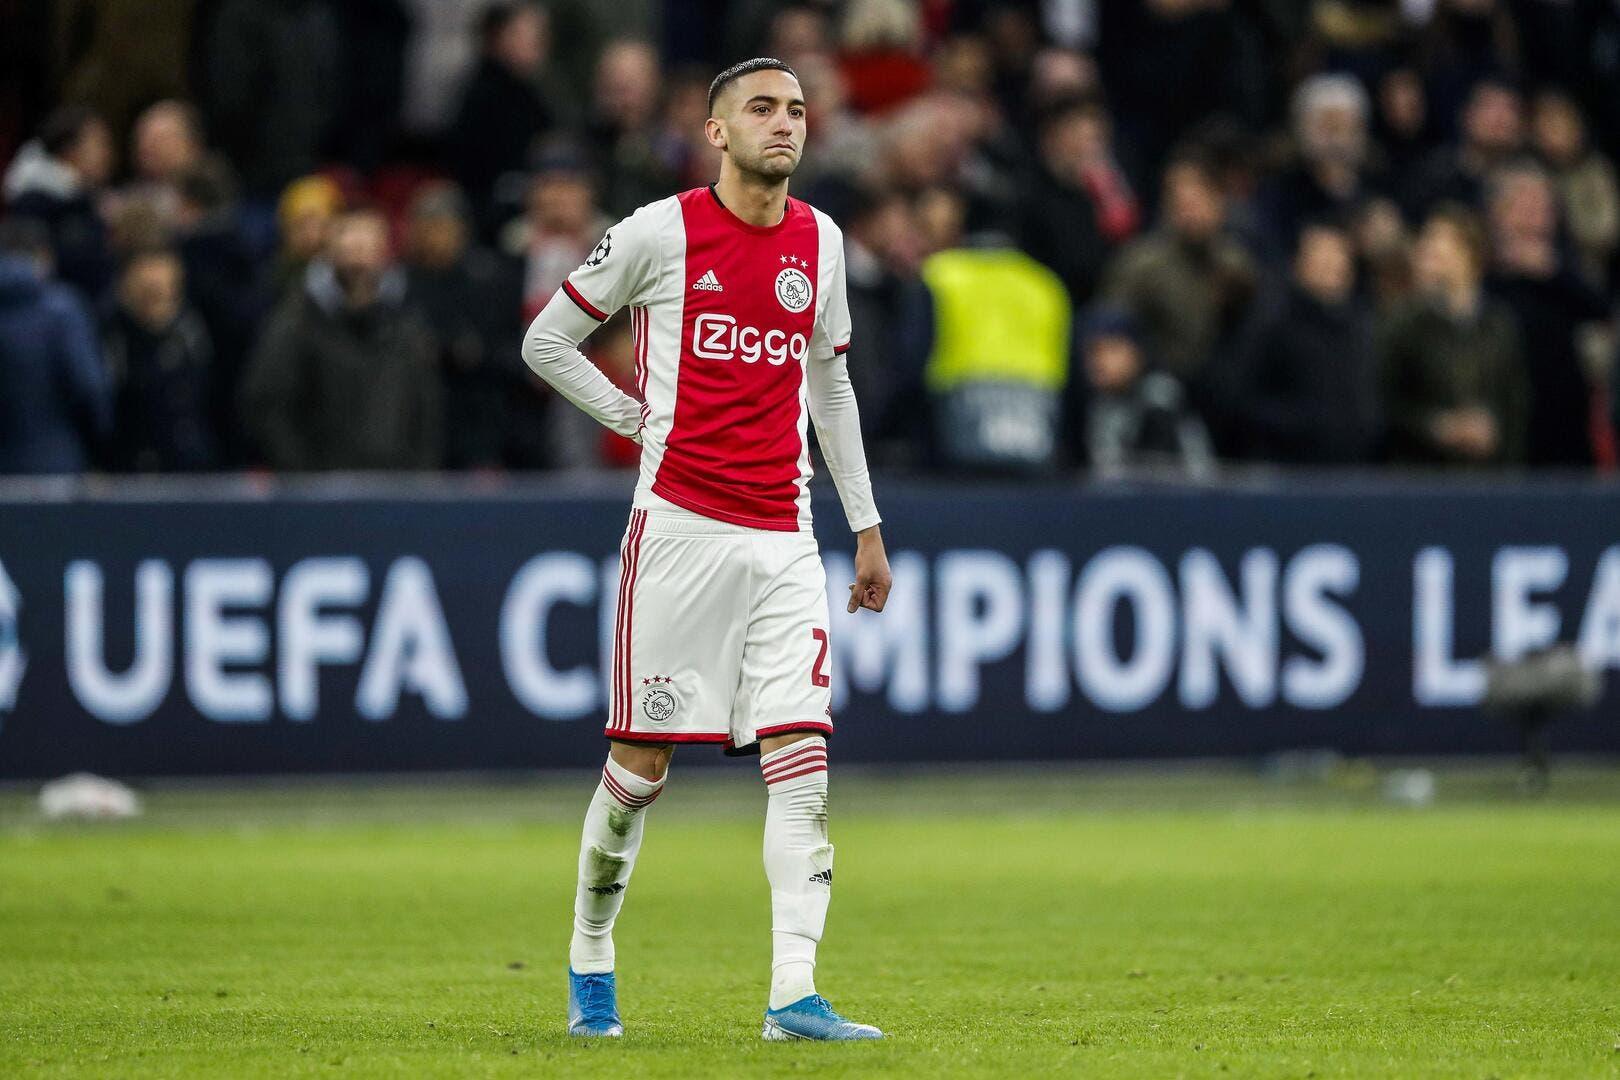 PSG : 50ME lâchés à l'Ajax, Al-Khelaifi sort le chéquier